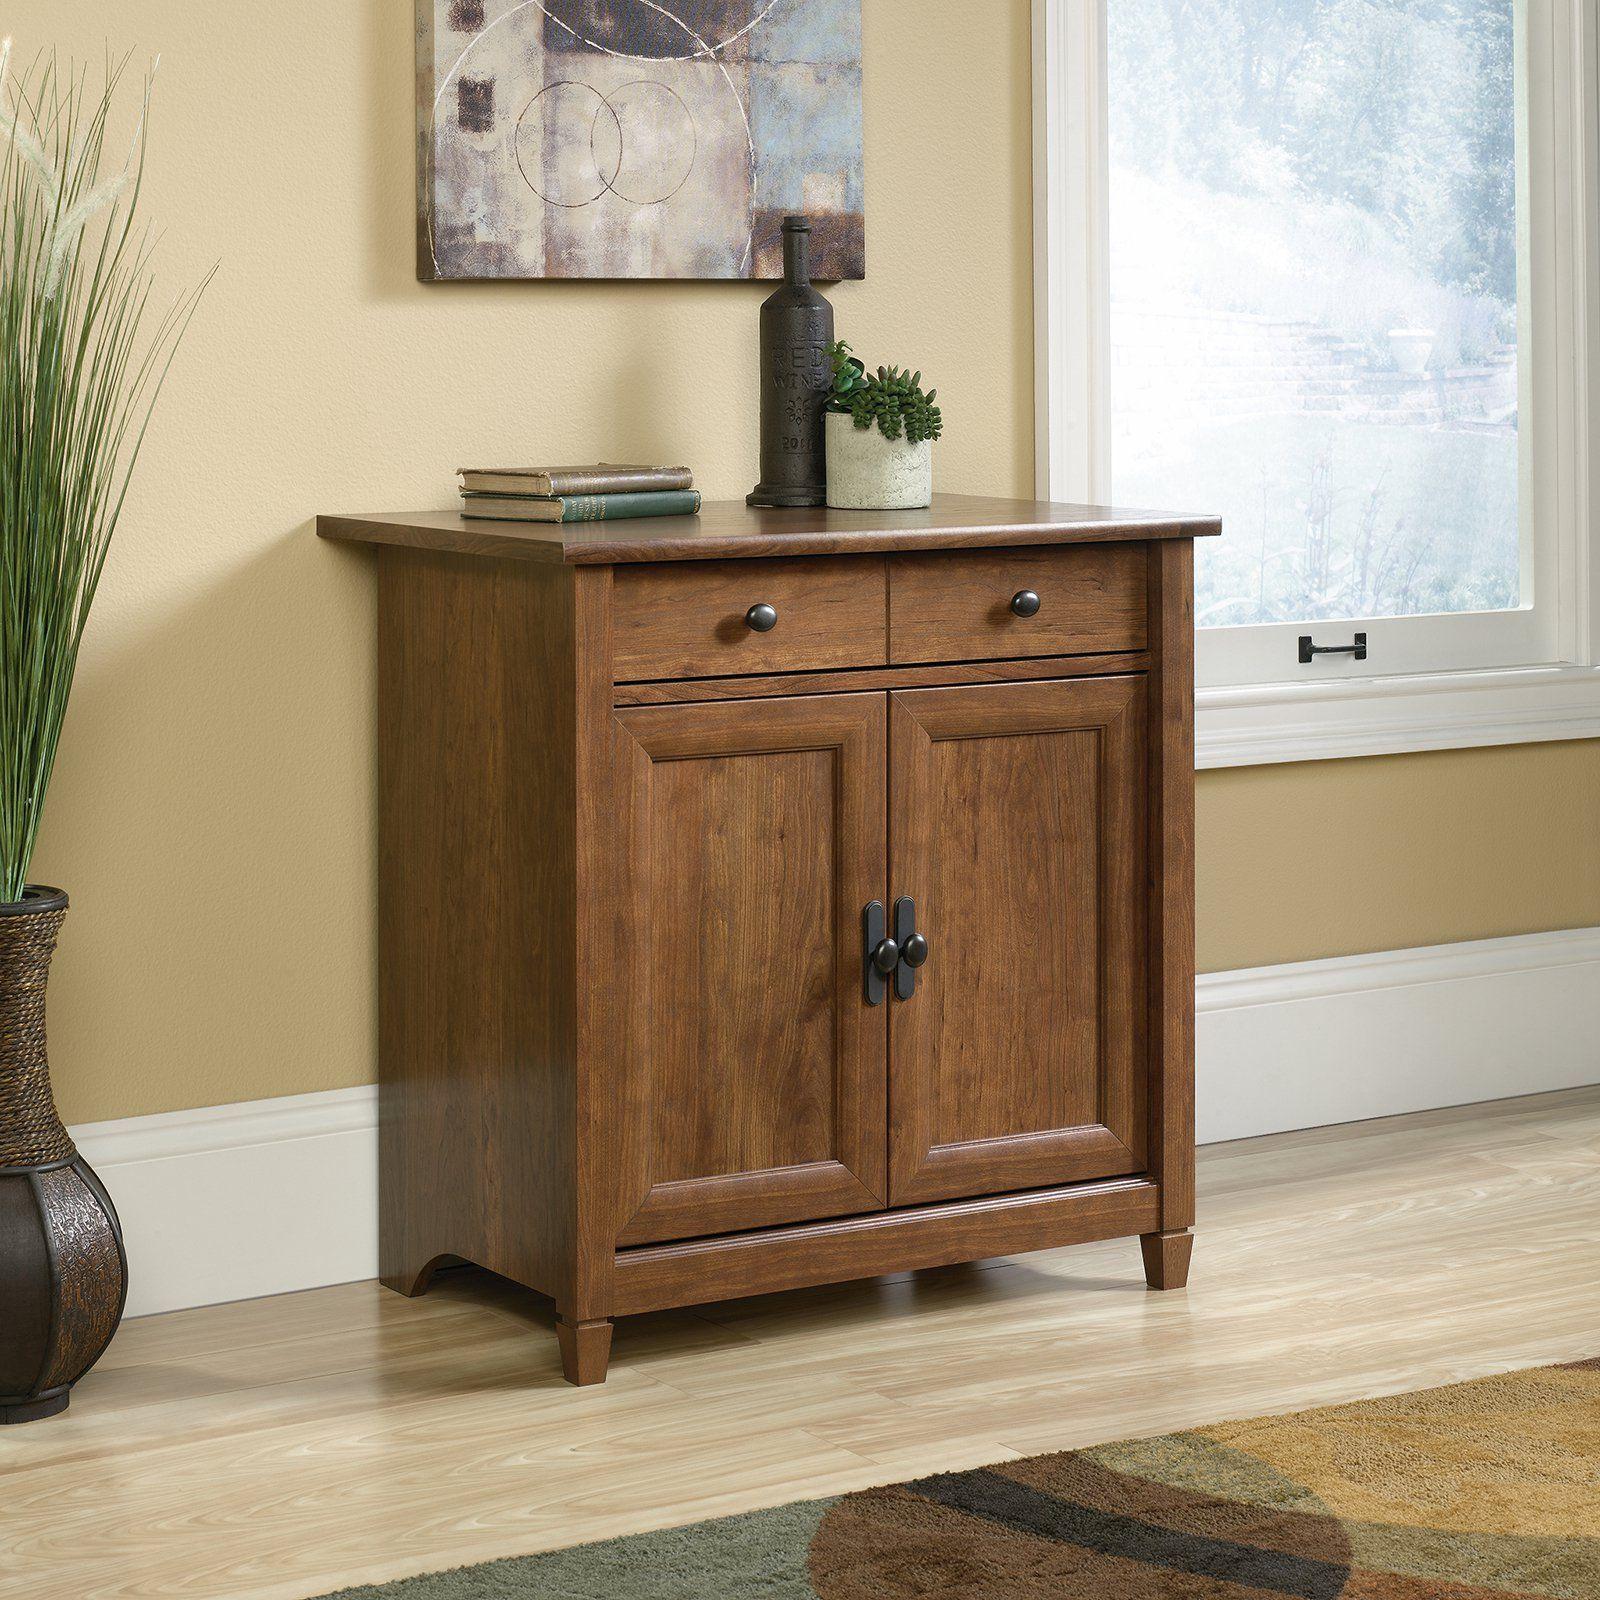 Sauder Edge Water Decorative Chest Rustic Storage Cabinets Utility Storage Cabinet Kitchen Cabinet Storage